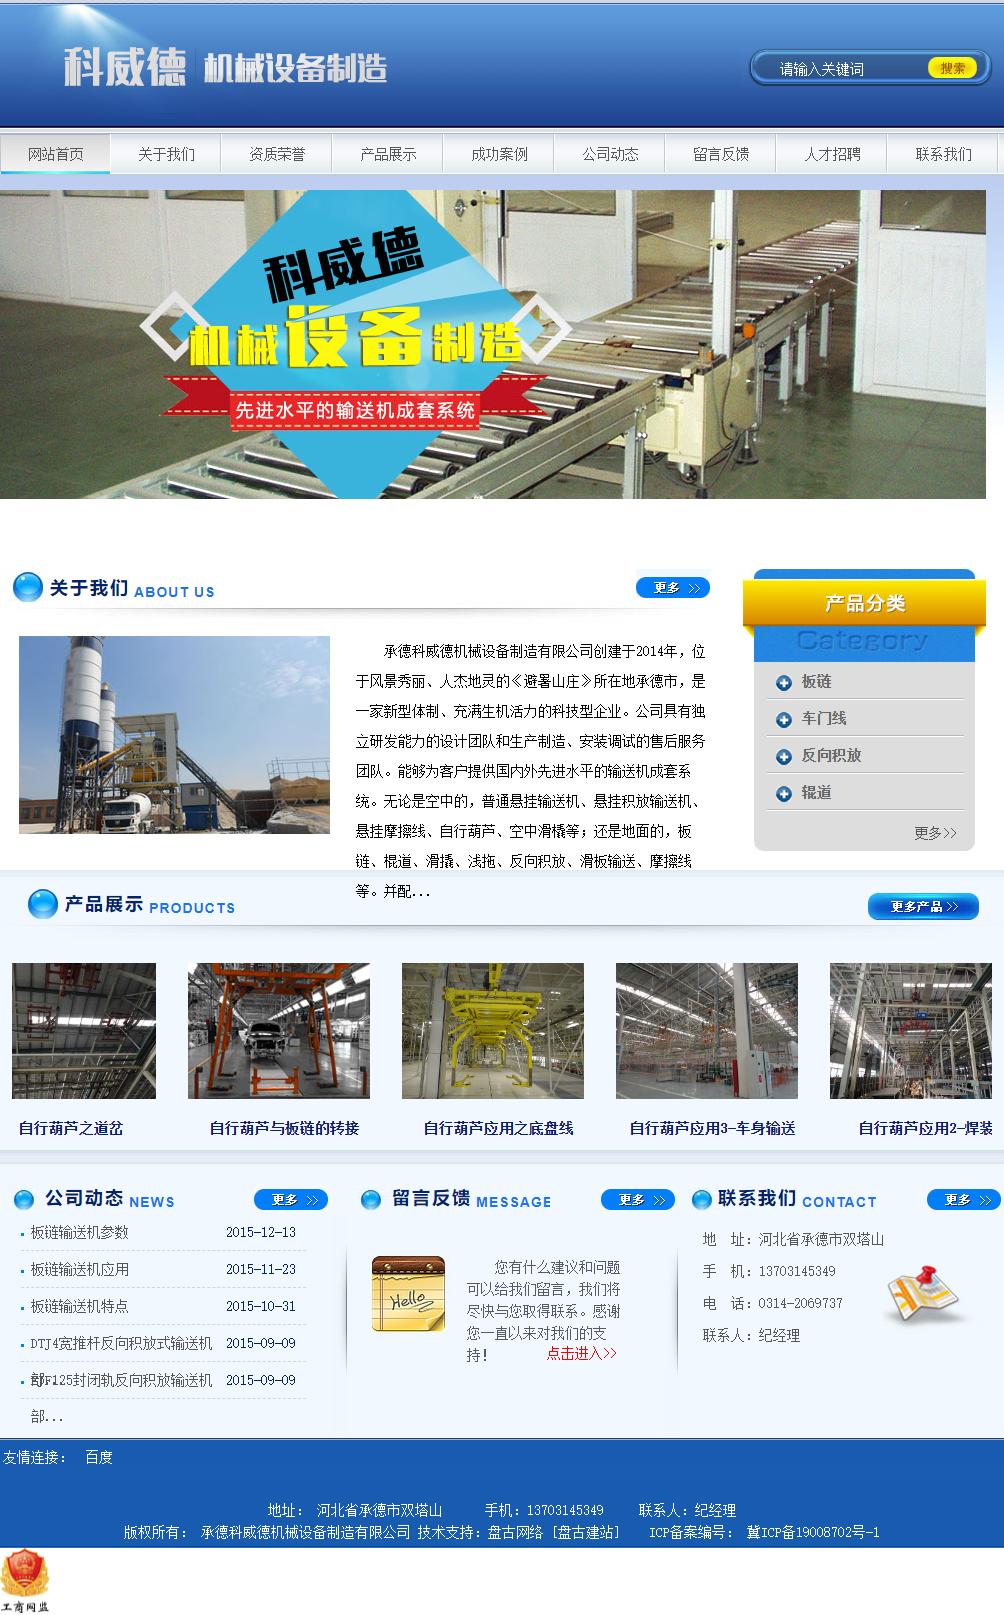 承德科威德机械设备制造有限公司网站案例